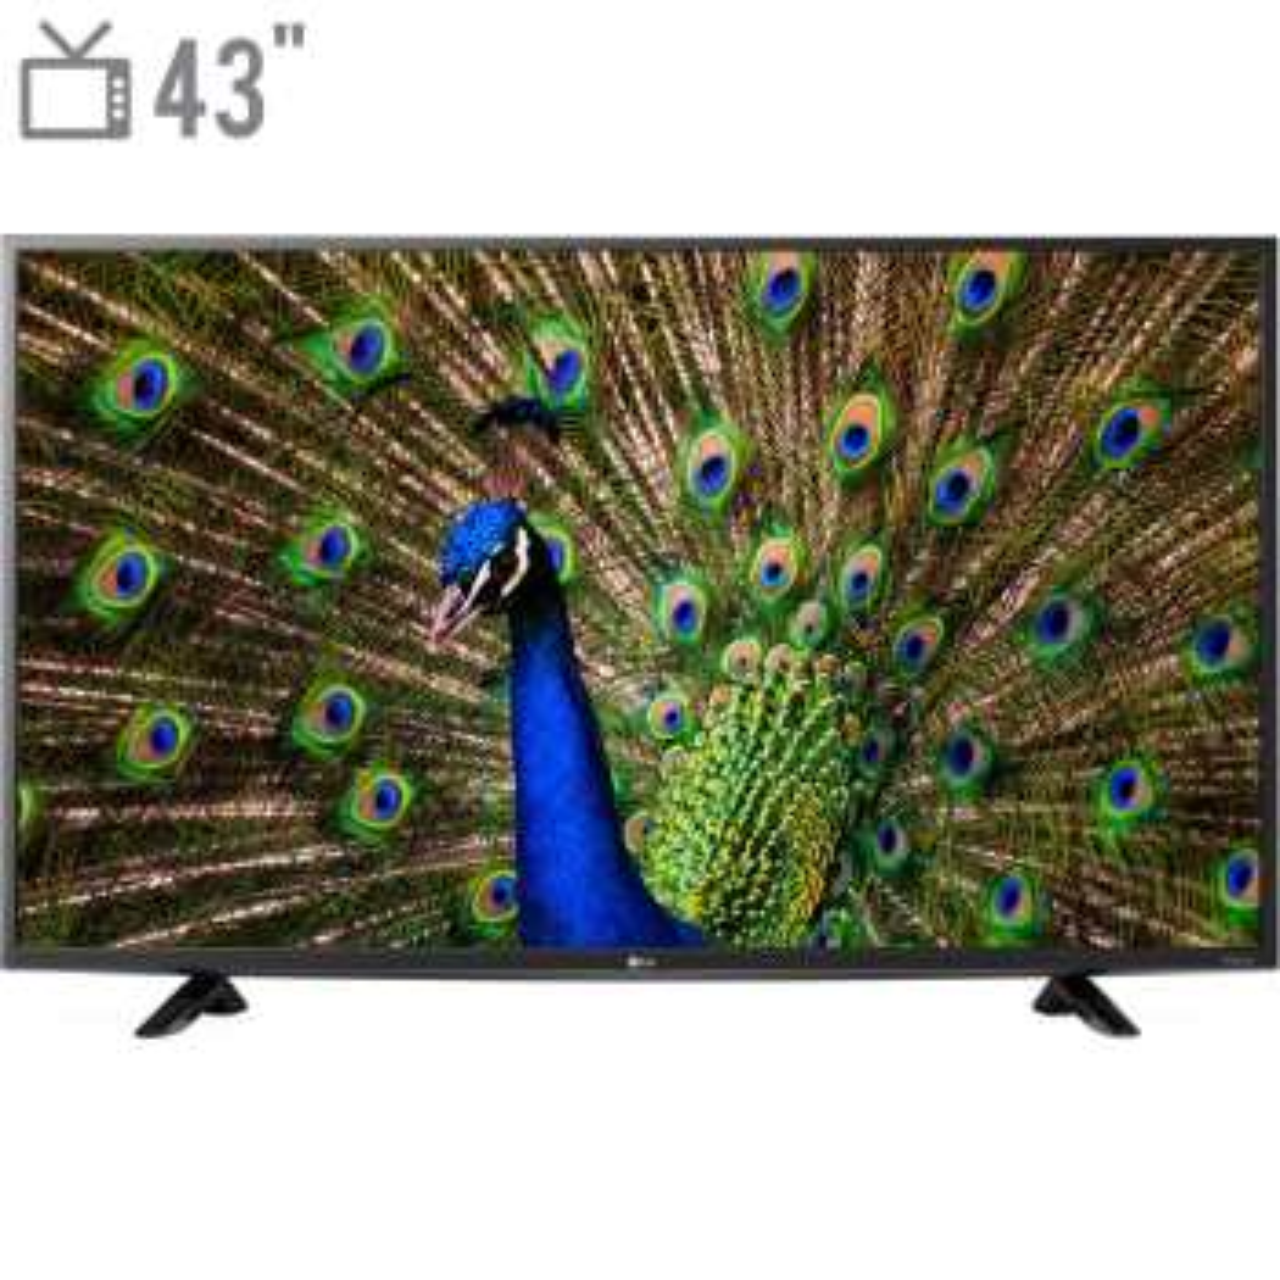 تلویزیون ال ای دی هوشمند ال جی مدل 43UF64000GI سایز 43 اینچ | LG 43UF64000GI Smart LED TV 43 Inch